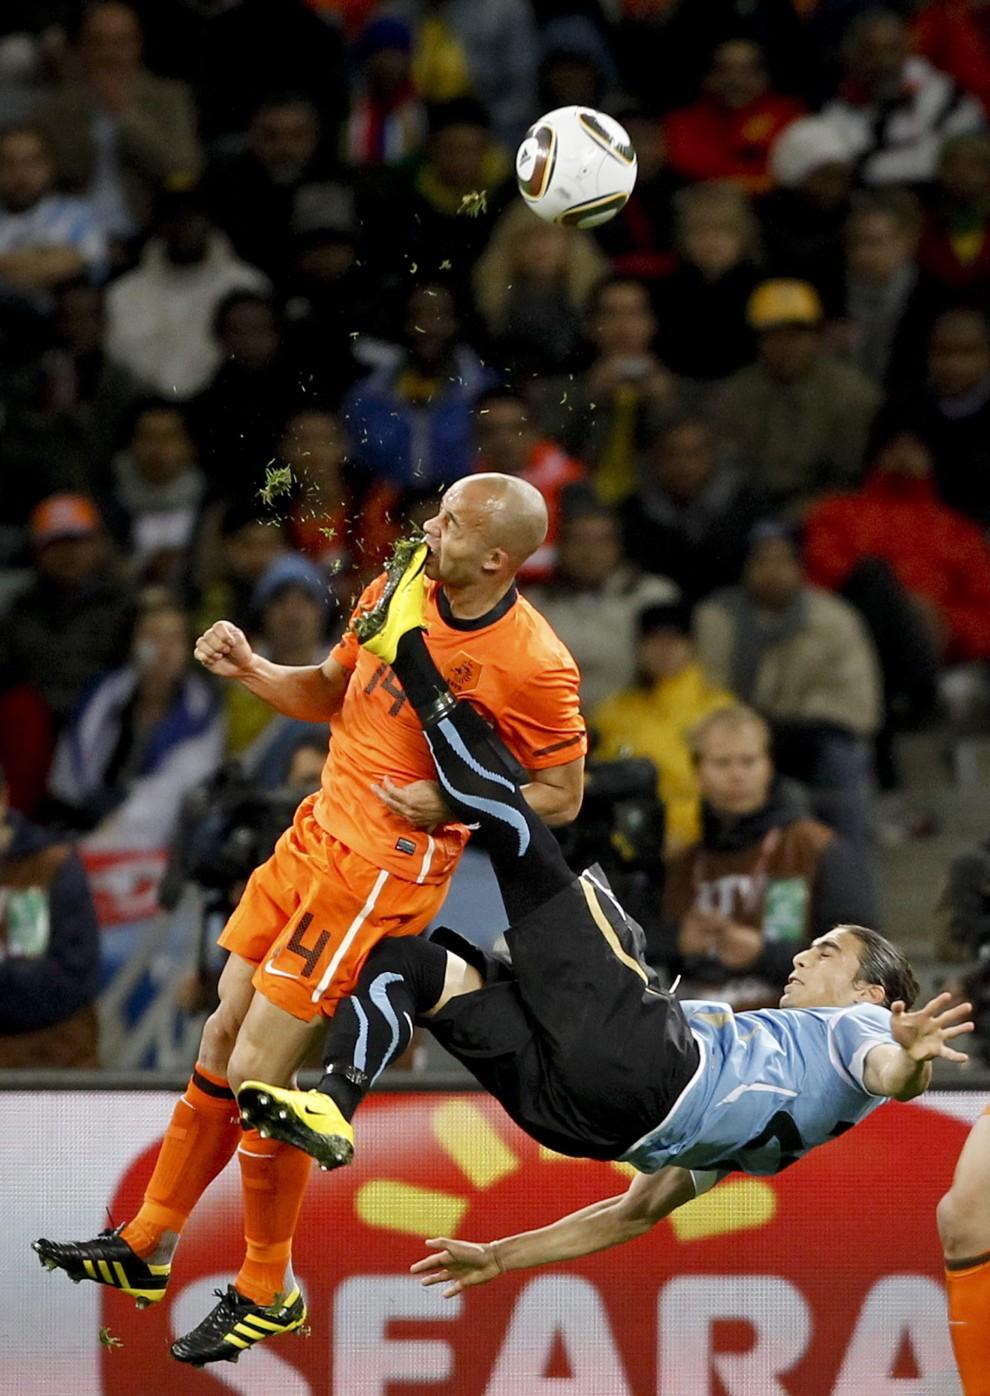 """22.Mike Hutchings z RPA zdobył I nagrodę w kategorii """"Sport - pojedyncze zdjęcie"""" z półfinału Mistrzostw Świata w Piłce Nożnej w Cape Town. PAP/EPA."""